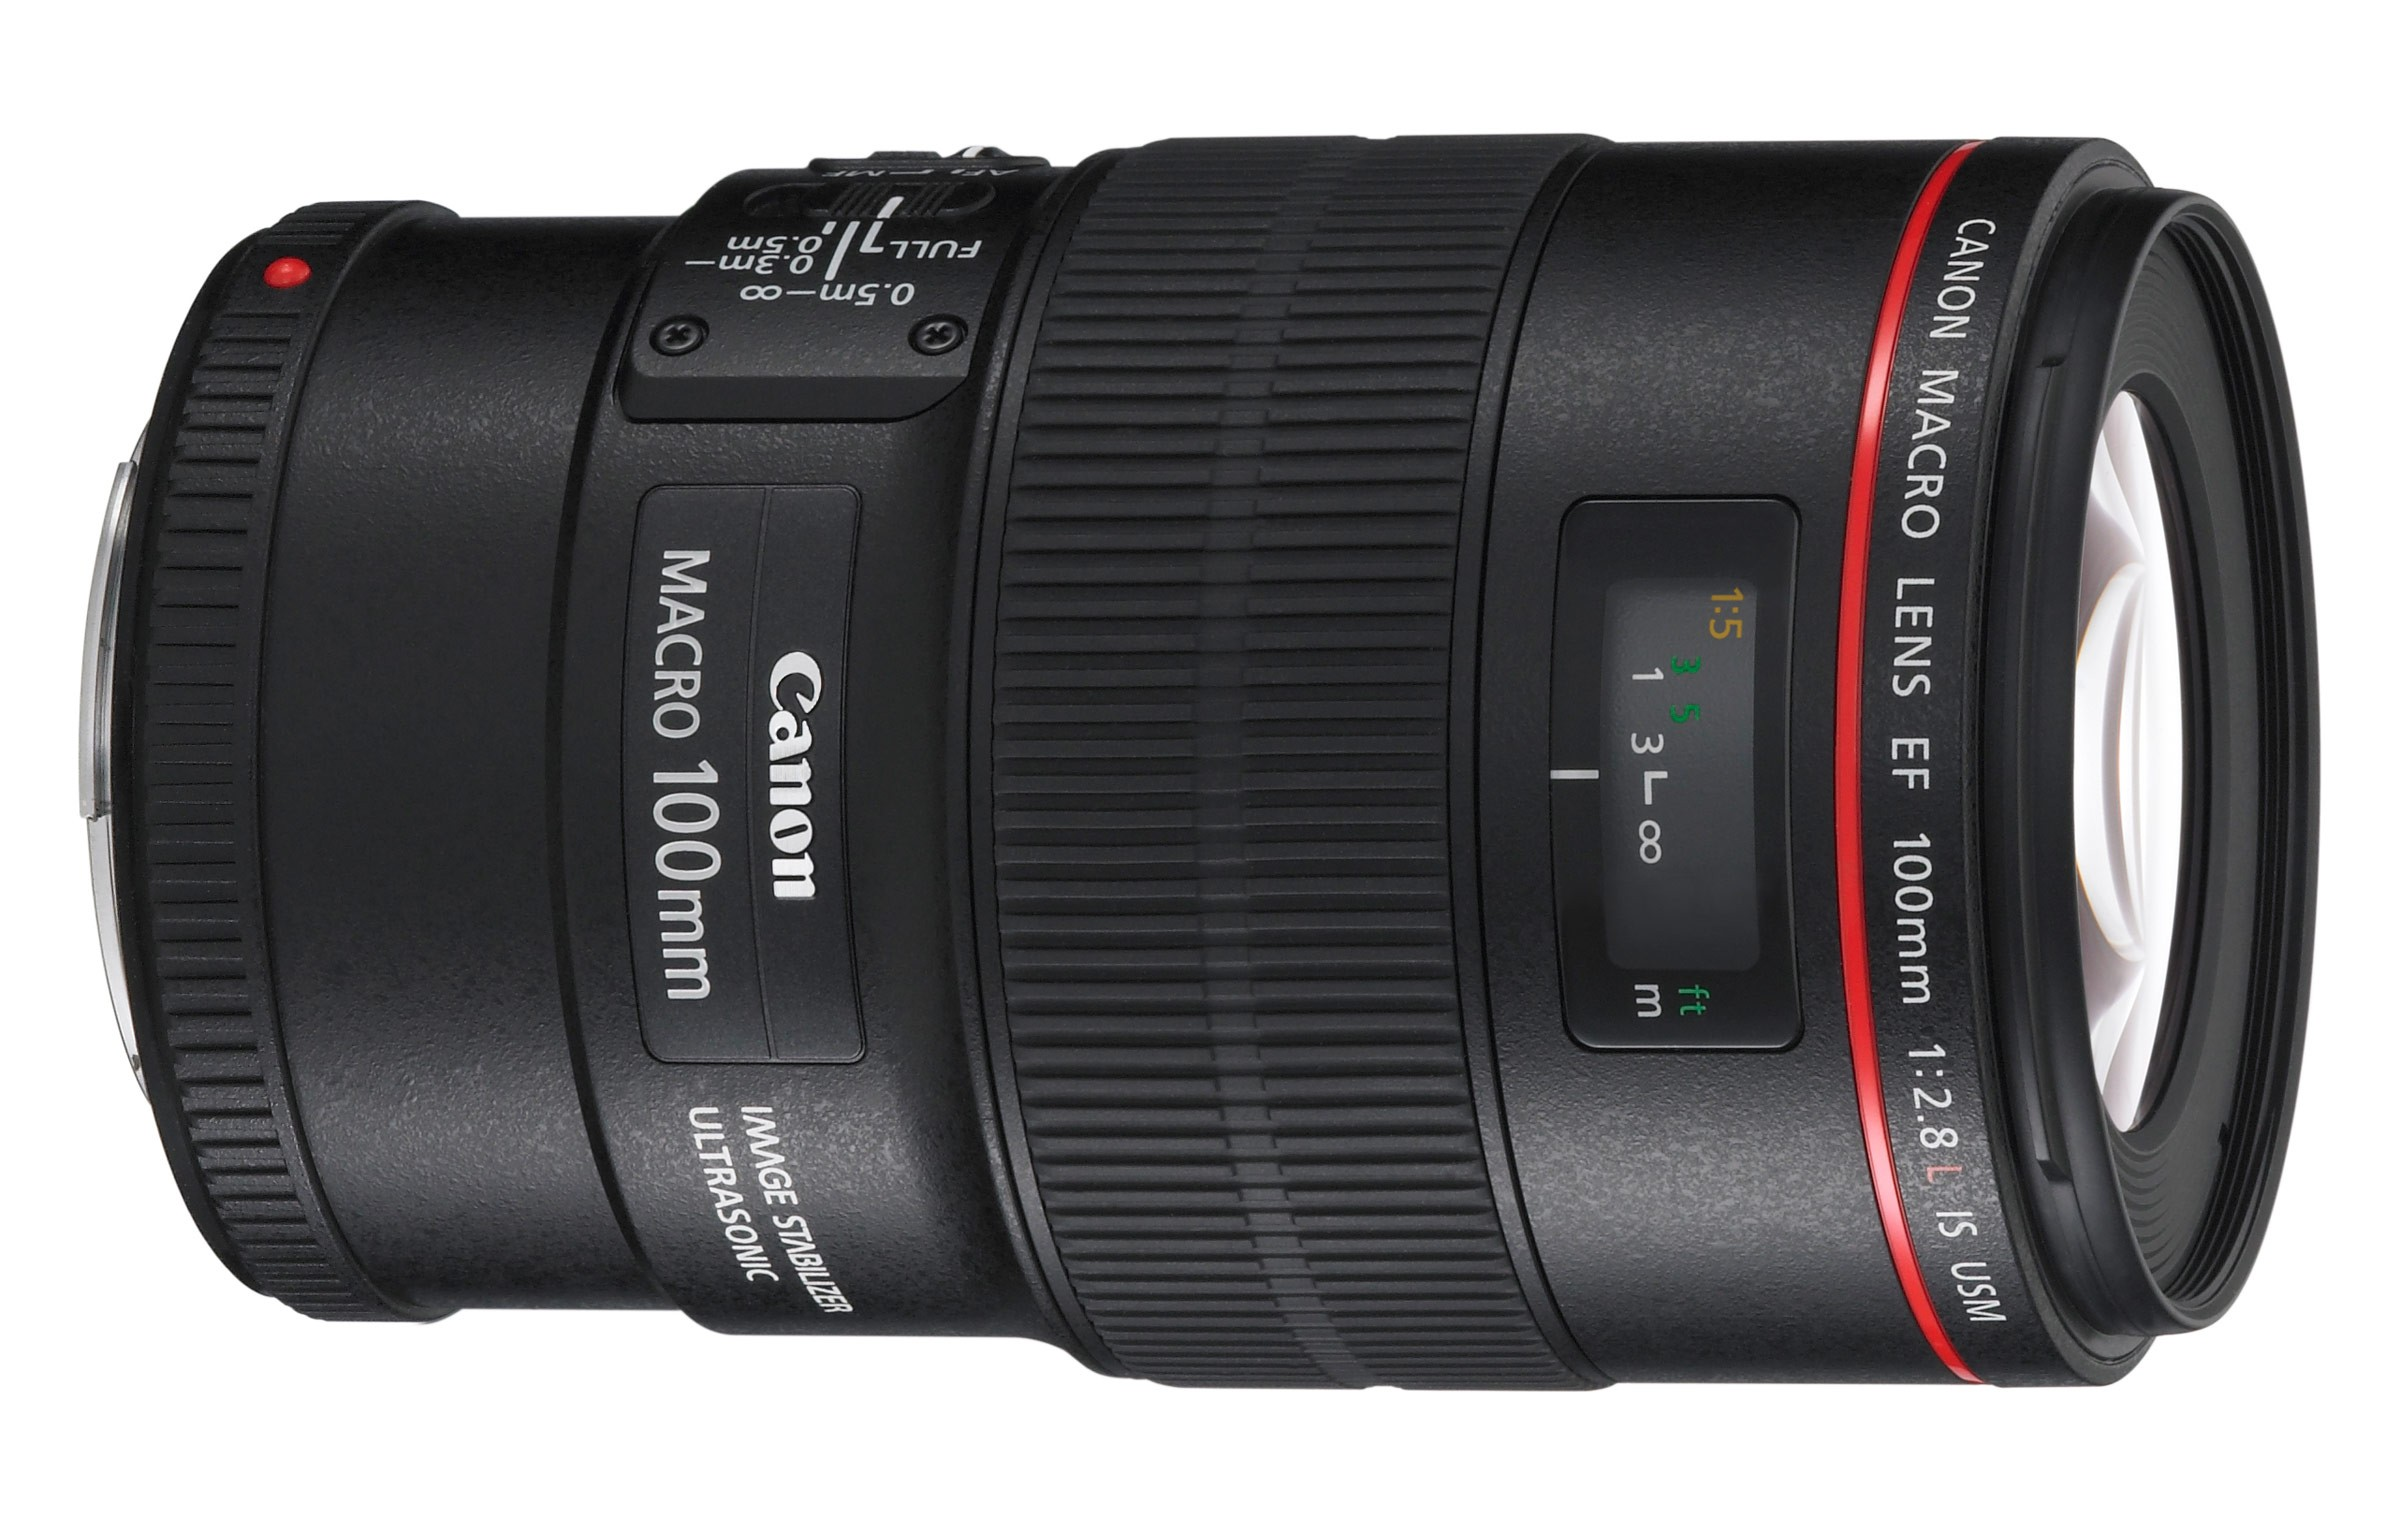 Obiettivo Canon EF 100mm f/2.8 L Macro IS USM